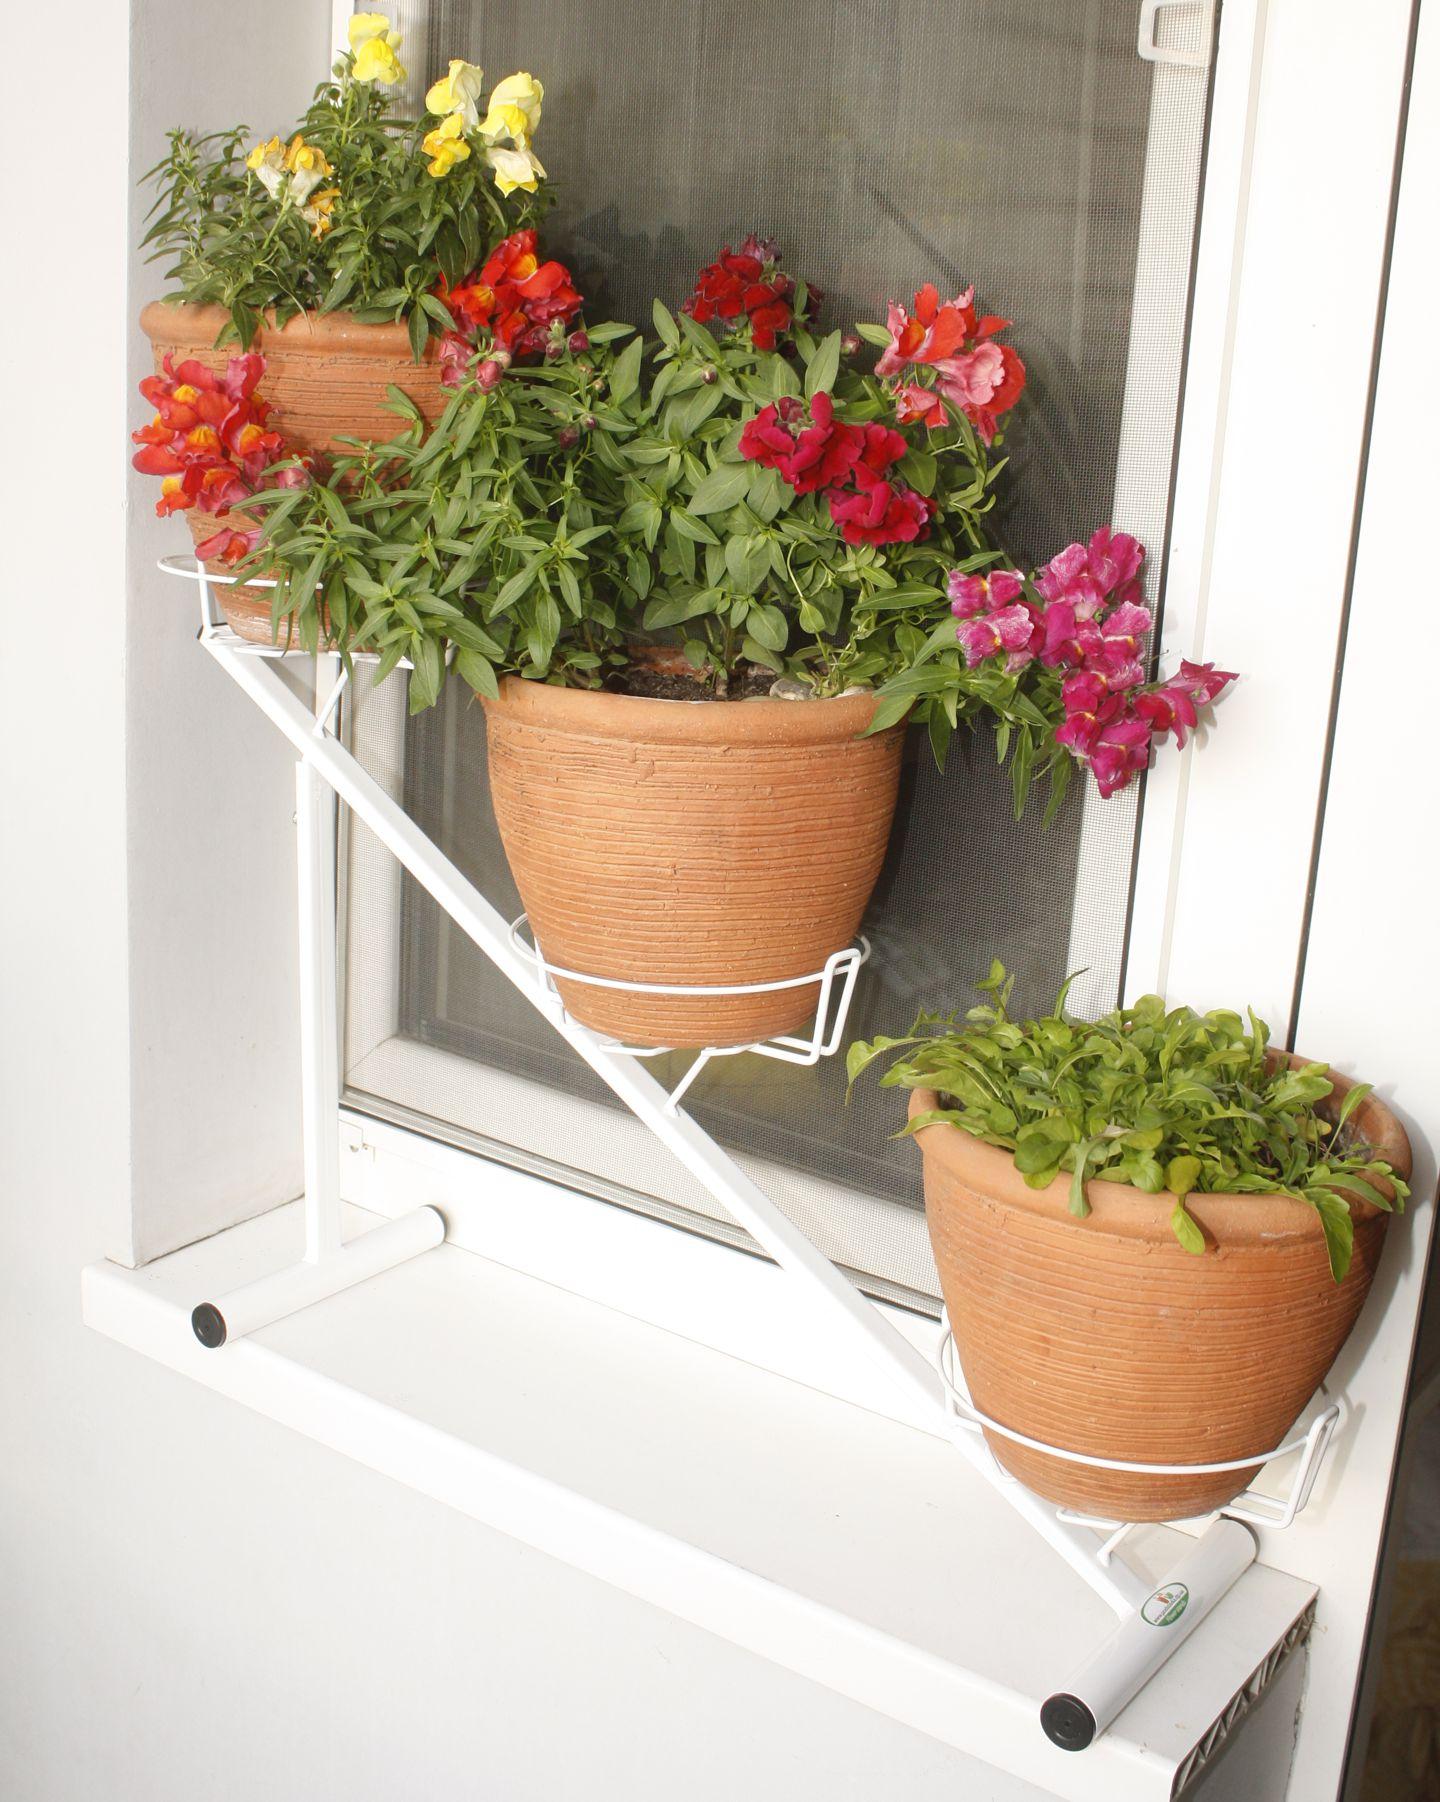 Фото подставок для цветов на окно